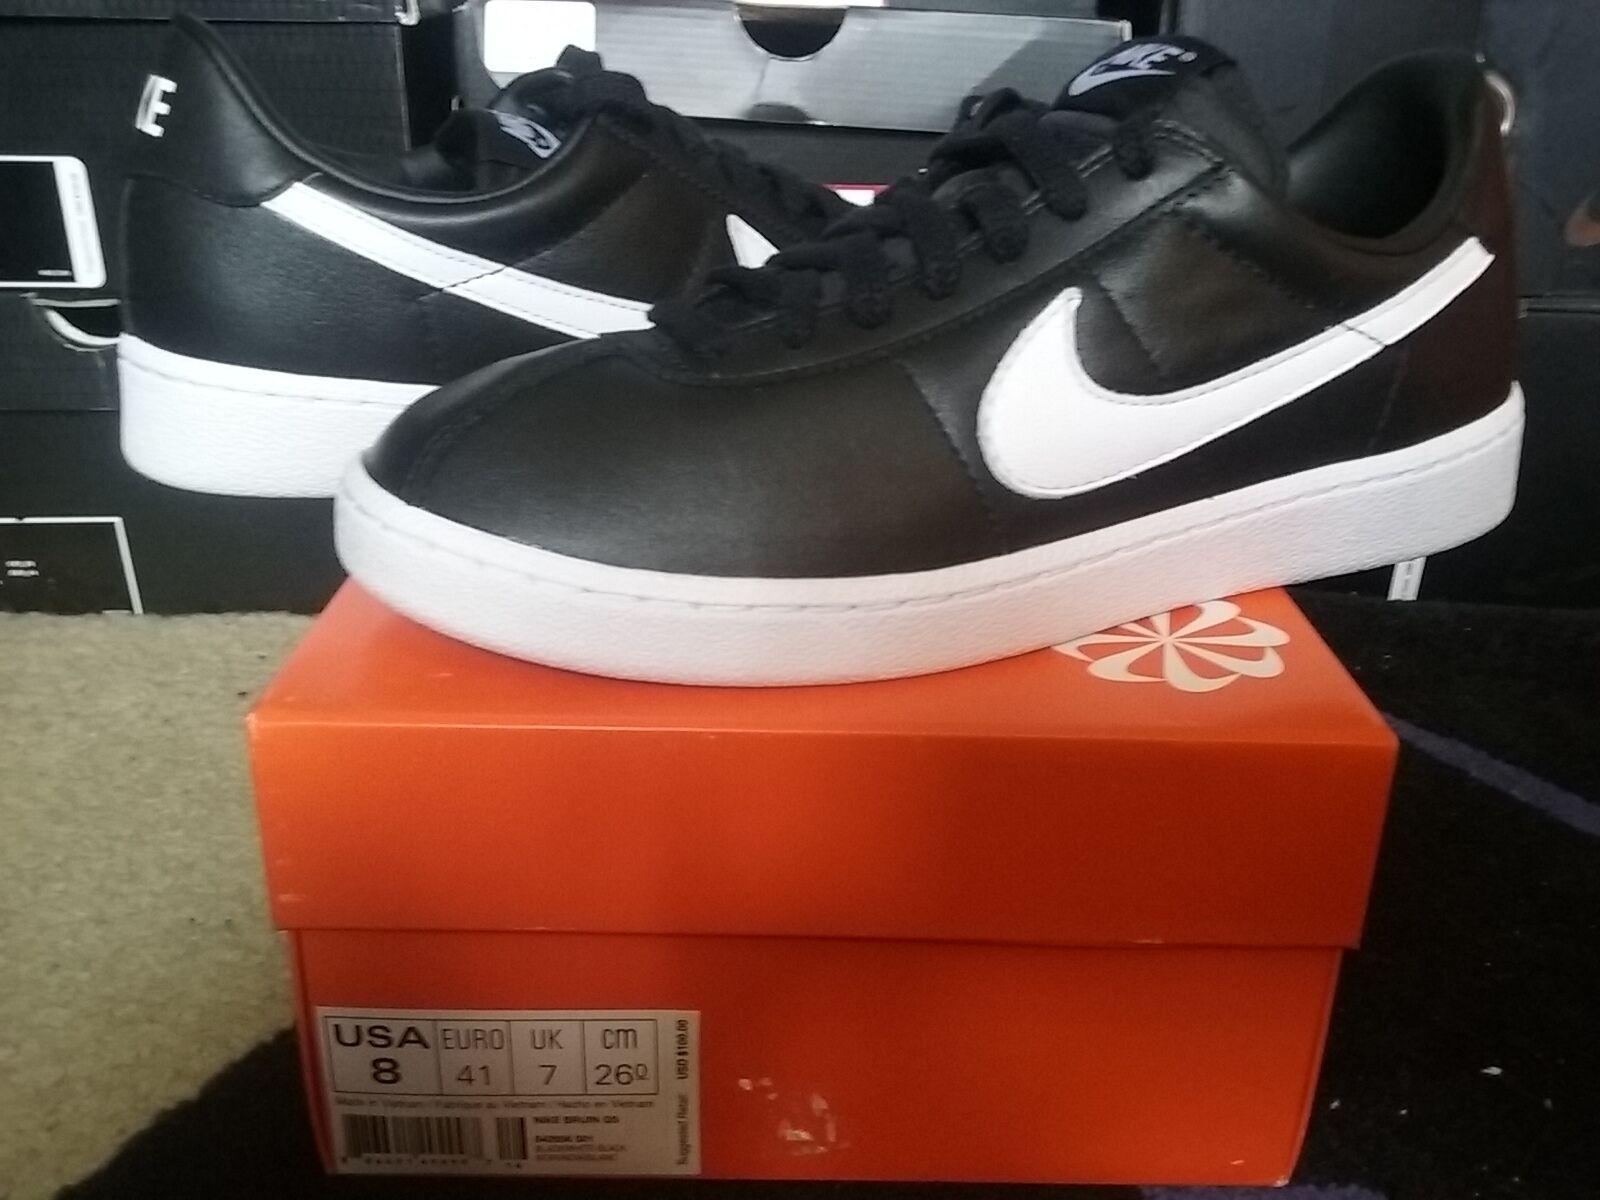 Cheap women's shoes women's shoes Nike Air Bruin SC QS Leather L Premium Black White force vintage dunk 842956 001